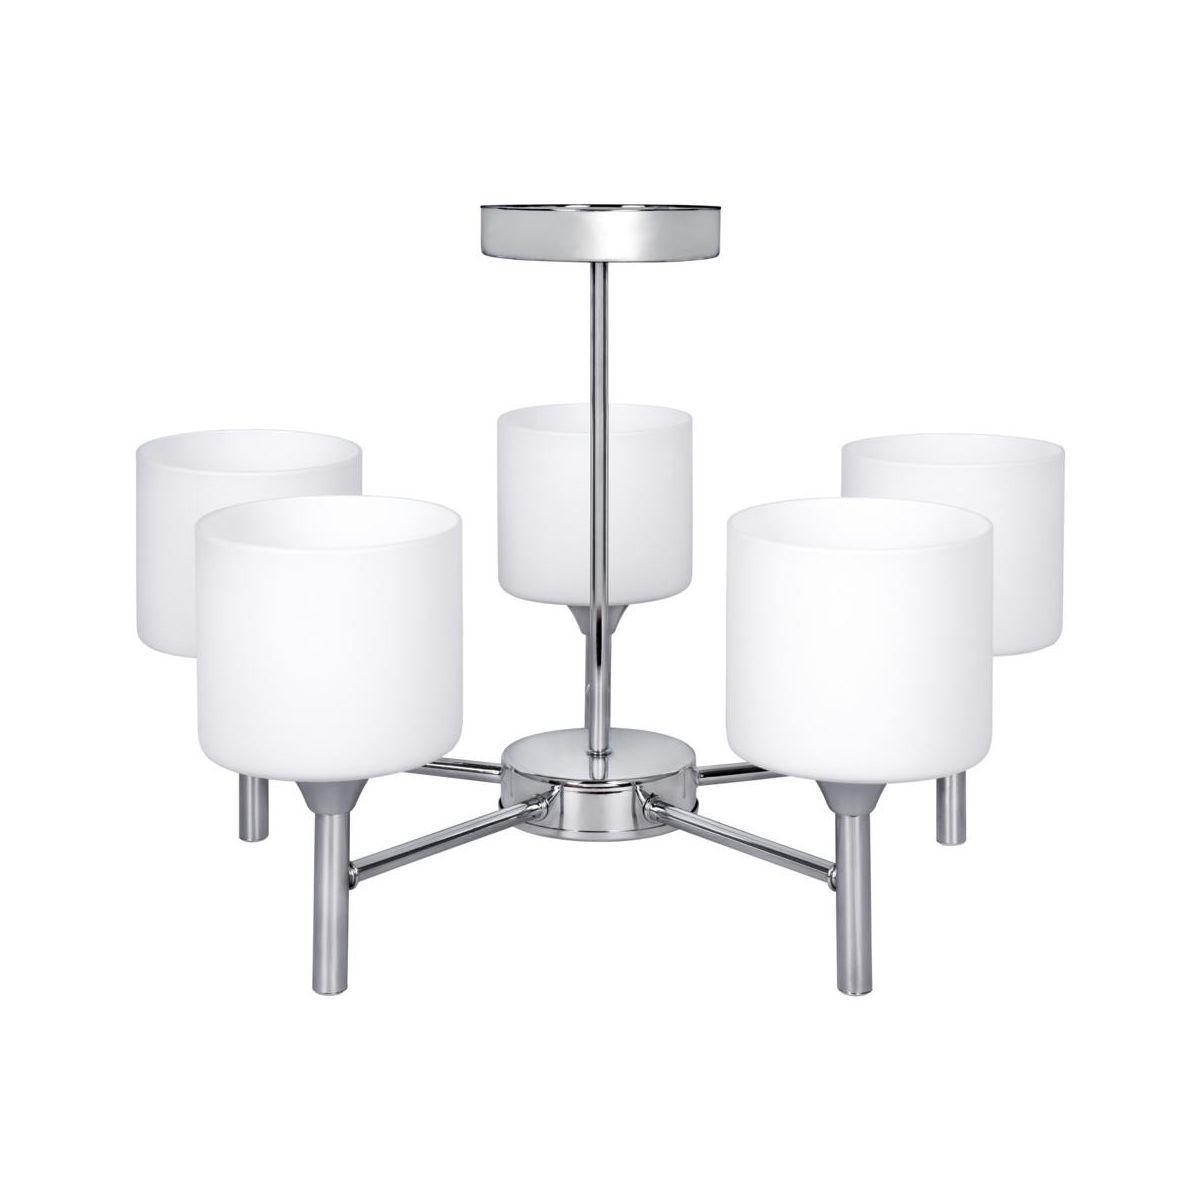 Zyrandol Mira Srebrny E27 Activejet Zyrandole Lampy Wiszace I Sufitowe W Atrakcyjnej Cenie W Sklepach Leroy Merlin Ceiling Lamp Lamp Ceiling Lamp Silver